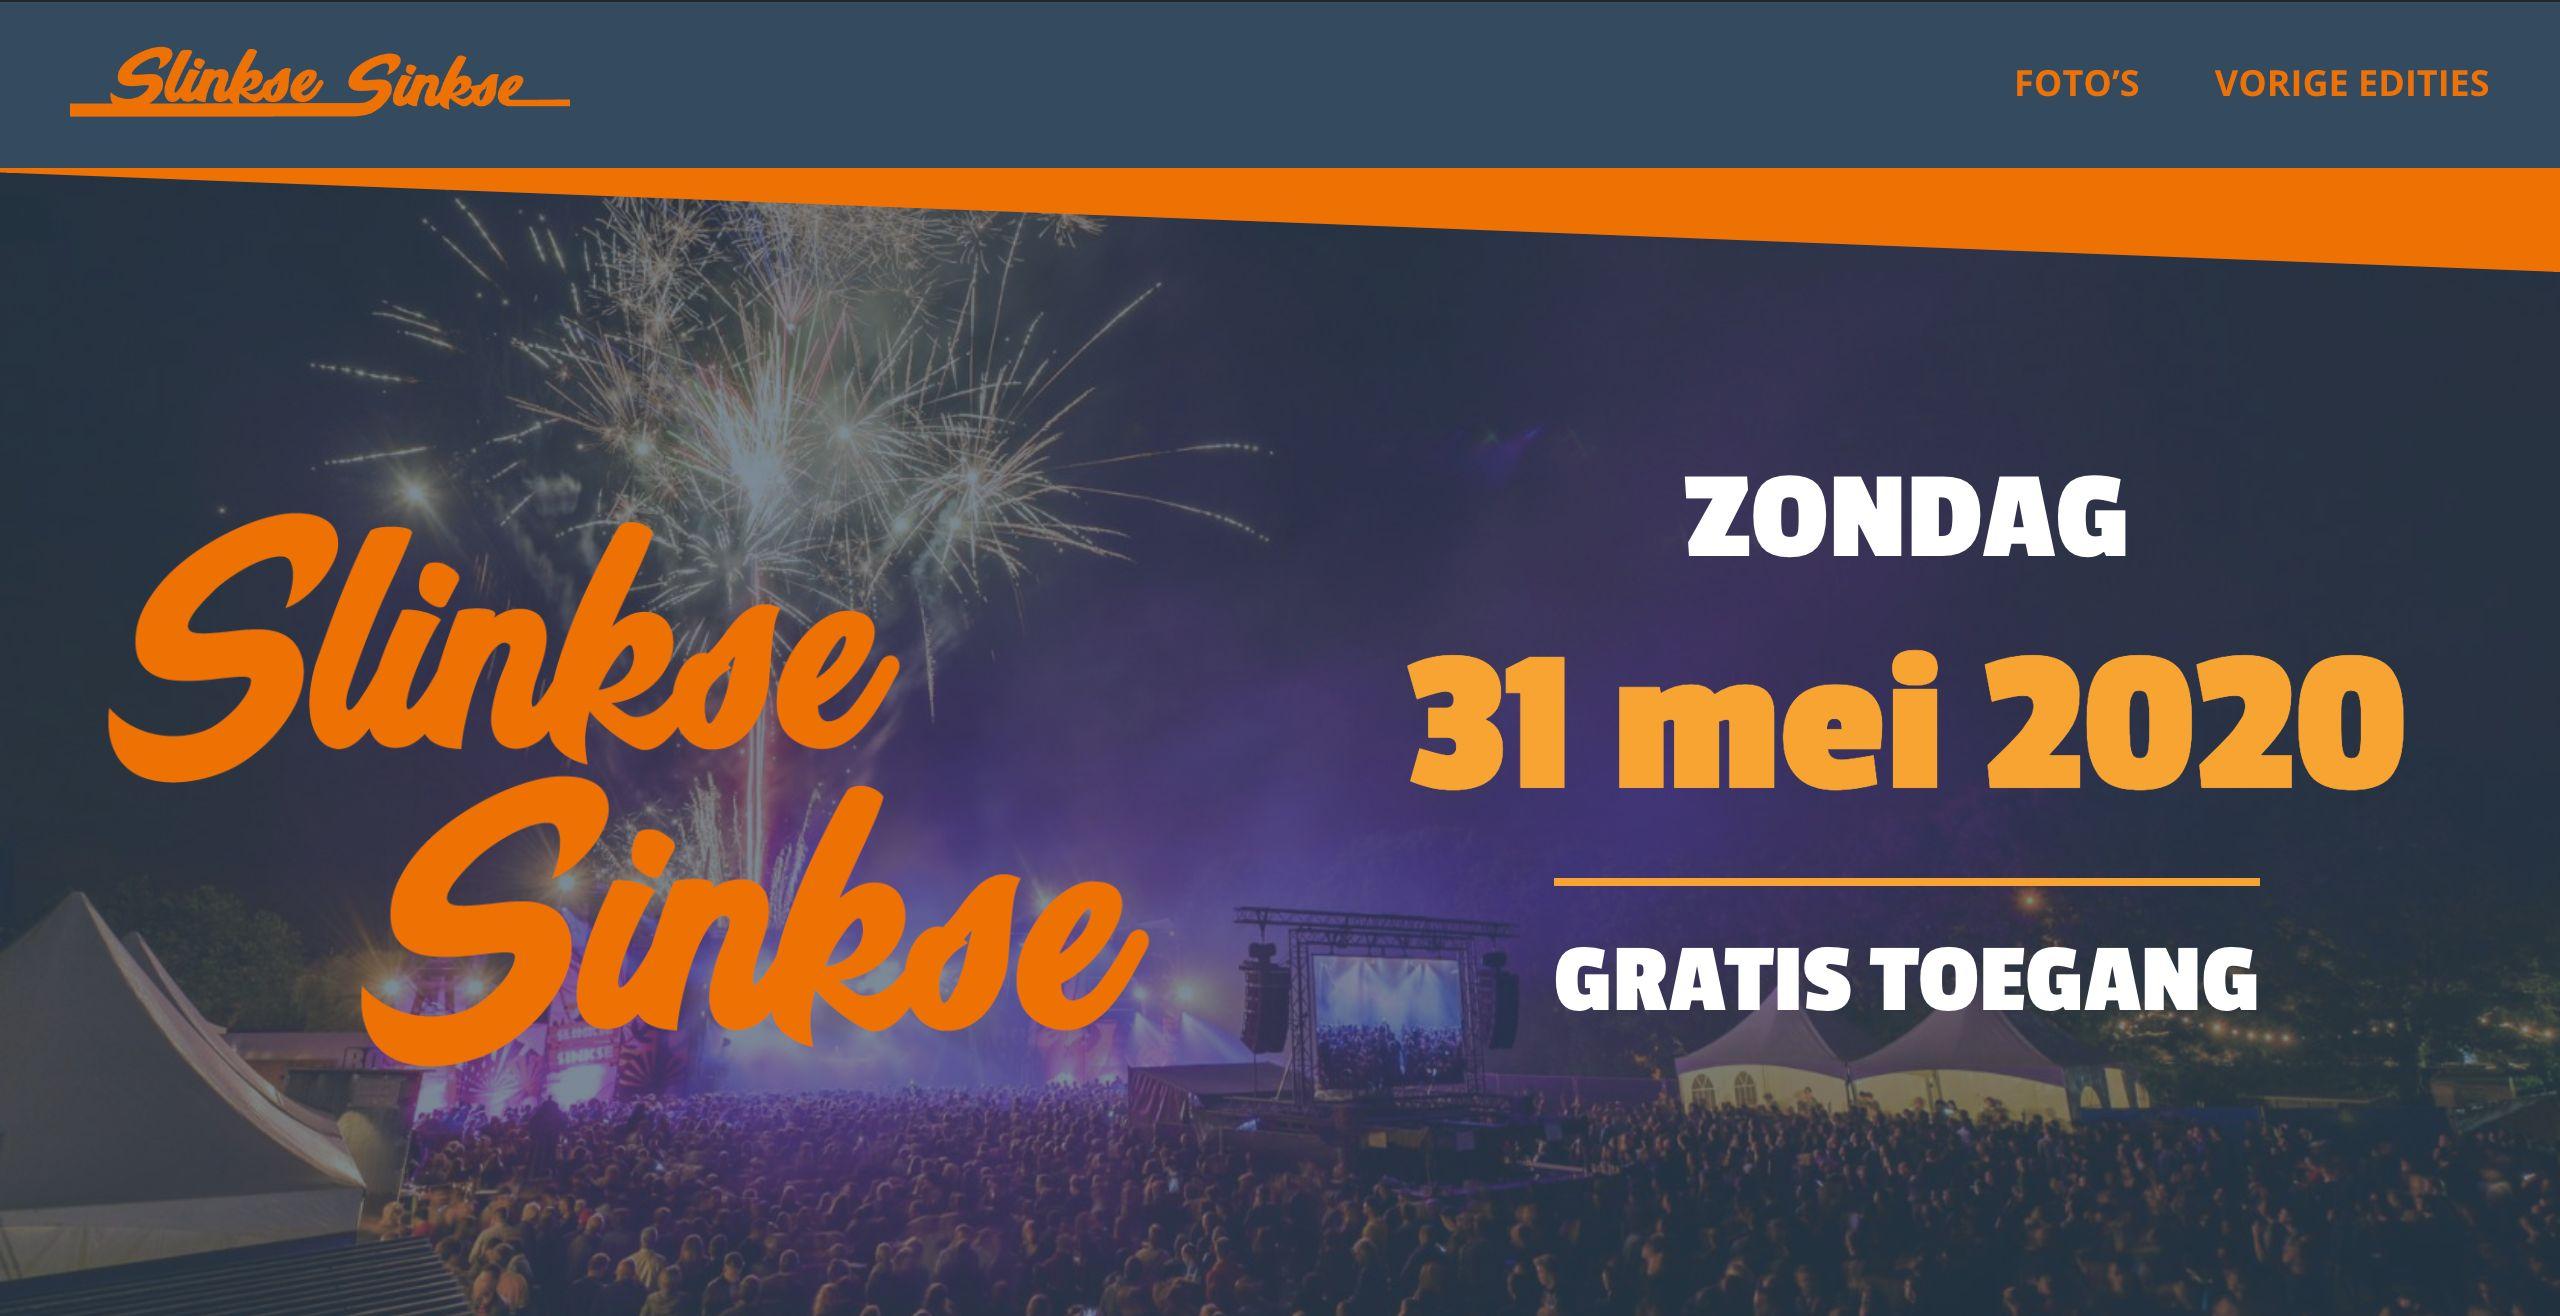 Slinkse Sinkse Festival